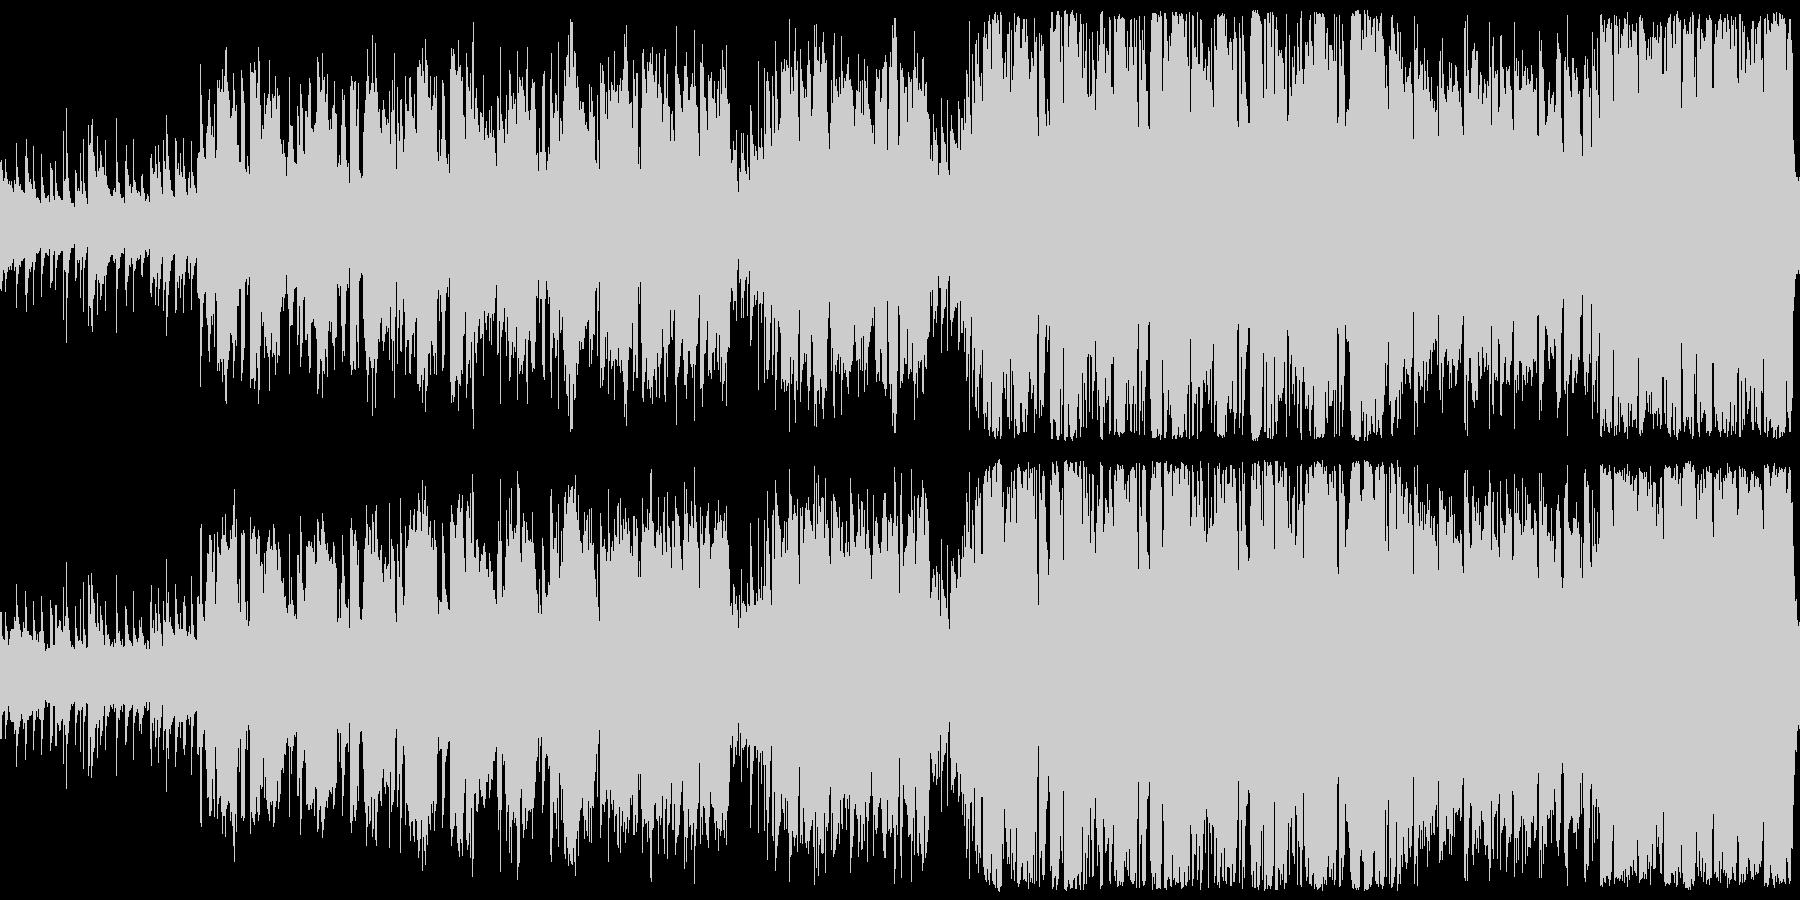 ほのぼのケルトBGMの未再生の波形